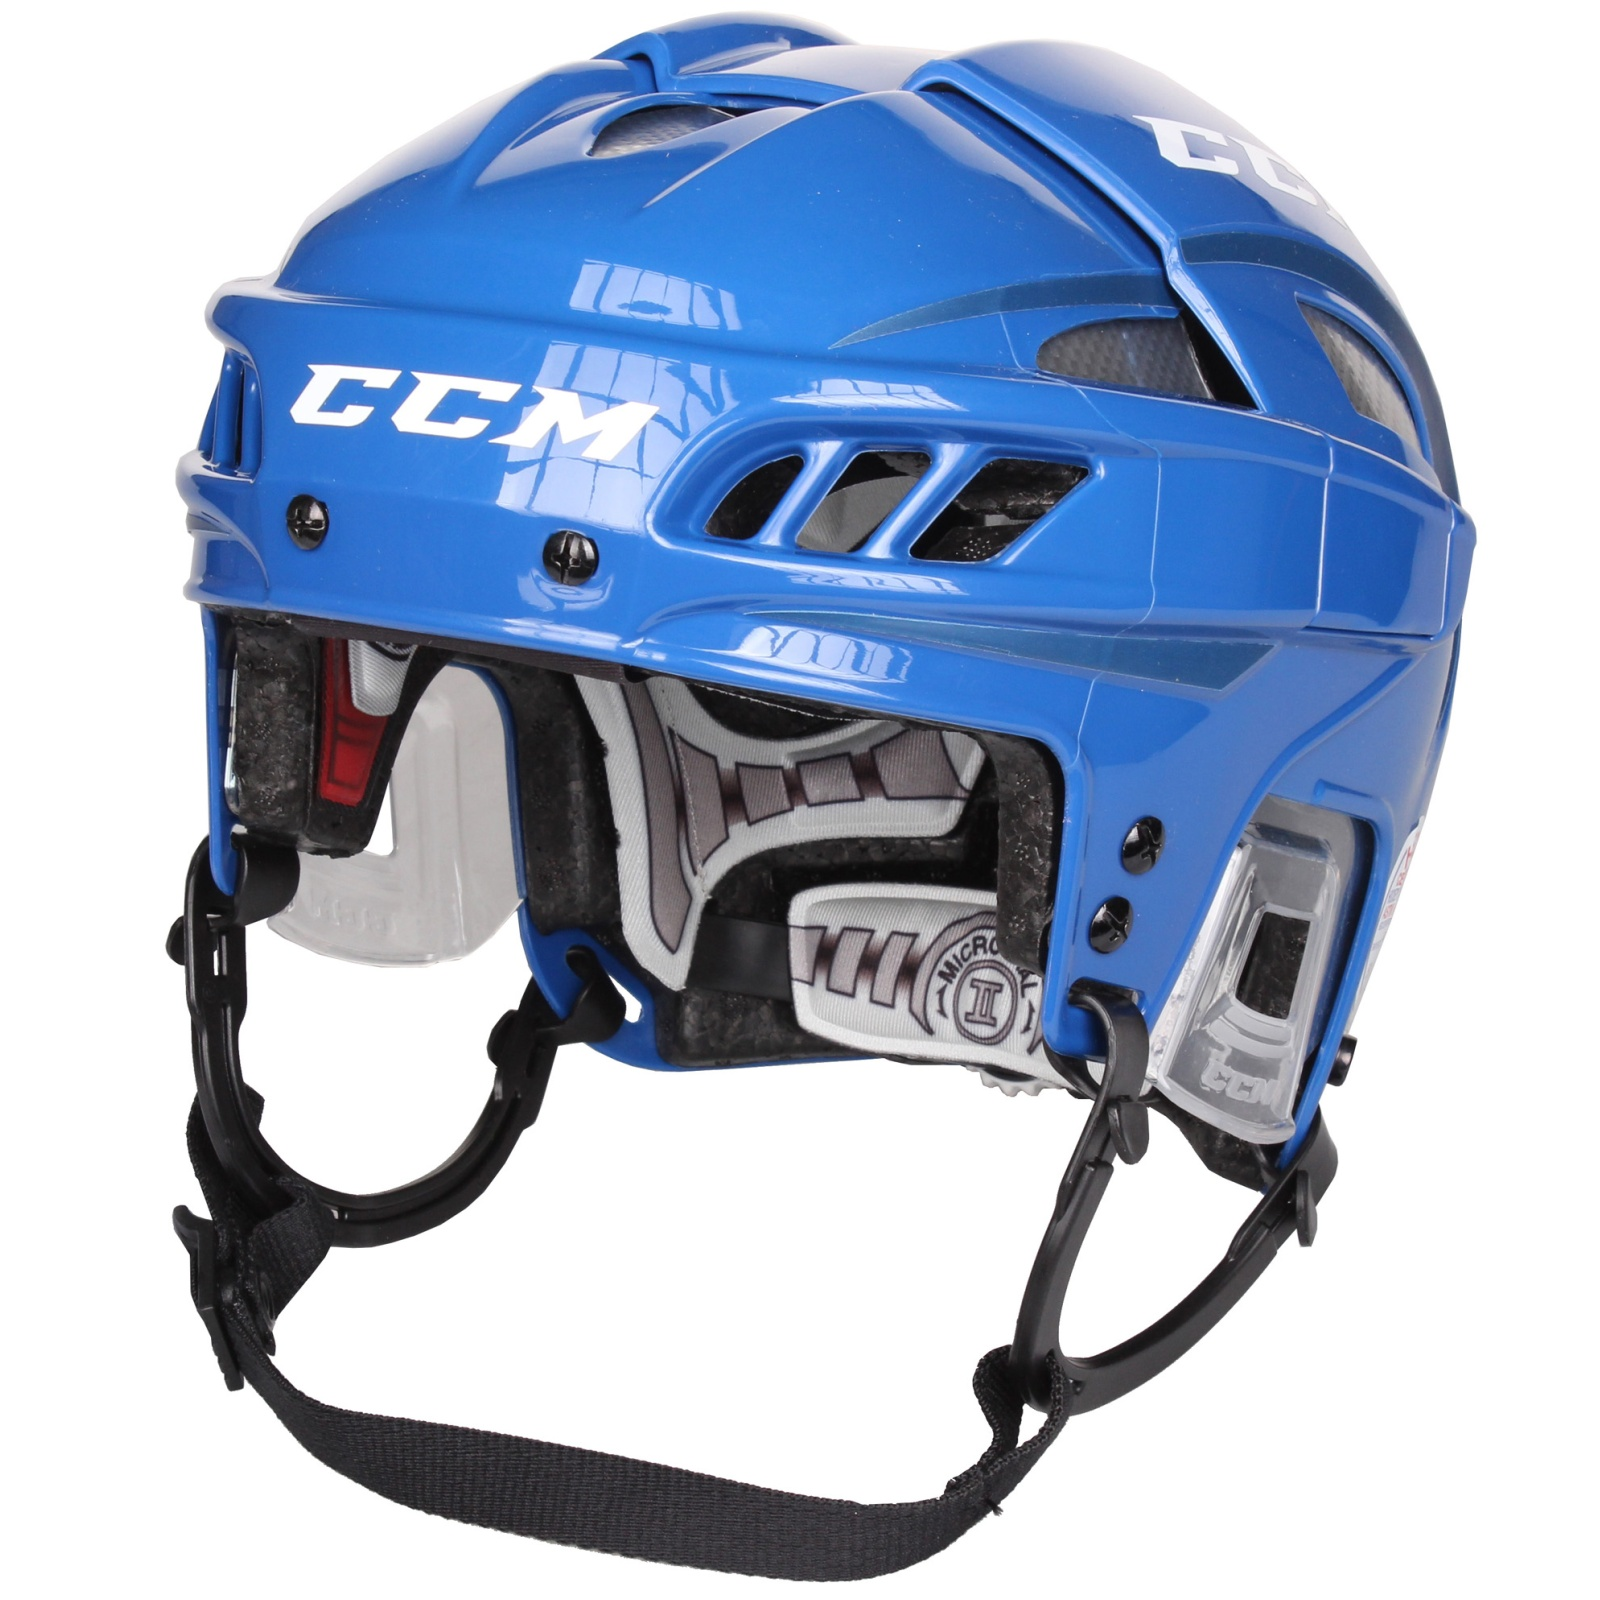 Hokejová prilba CCM FitLite